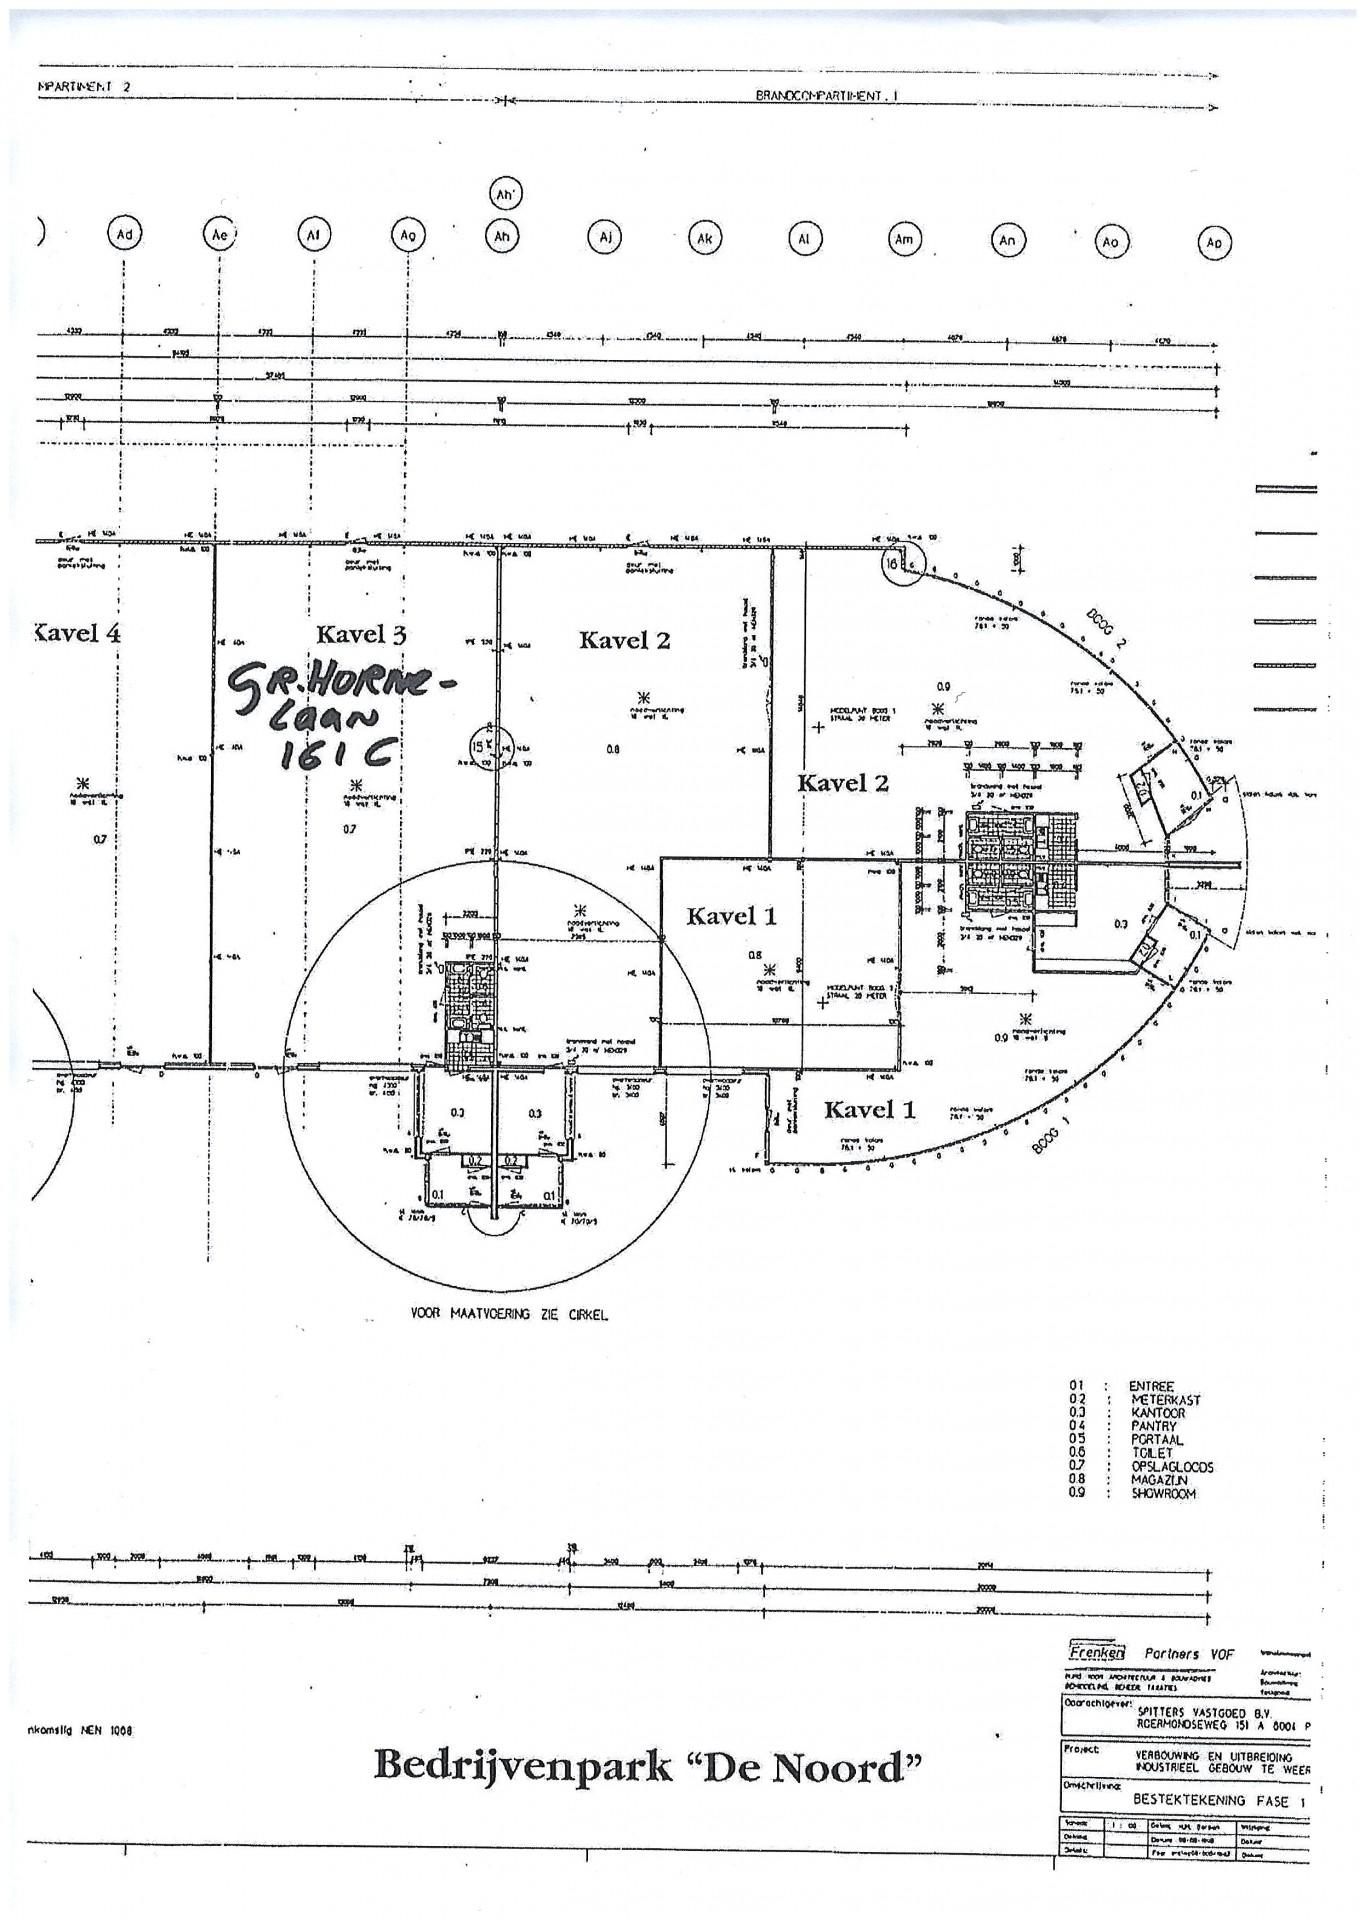 Plattegrond Gr. Hornelaan 161 C